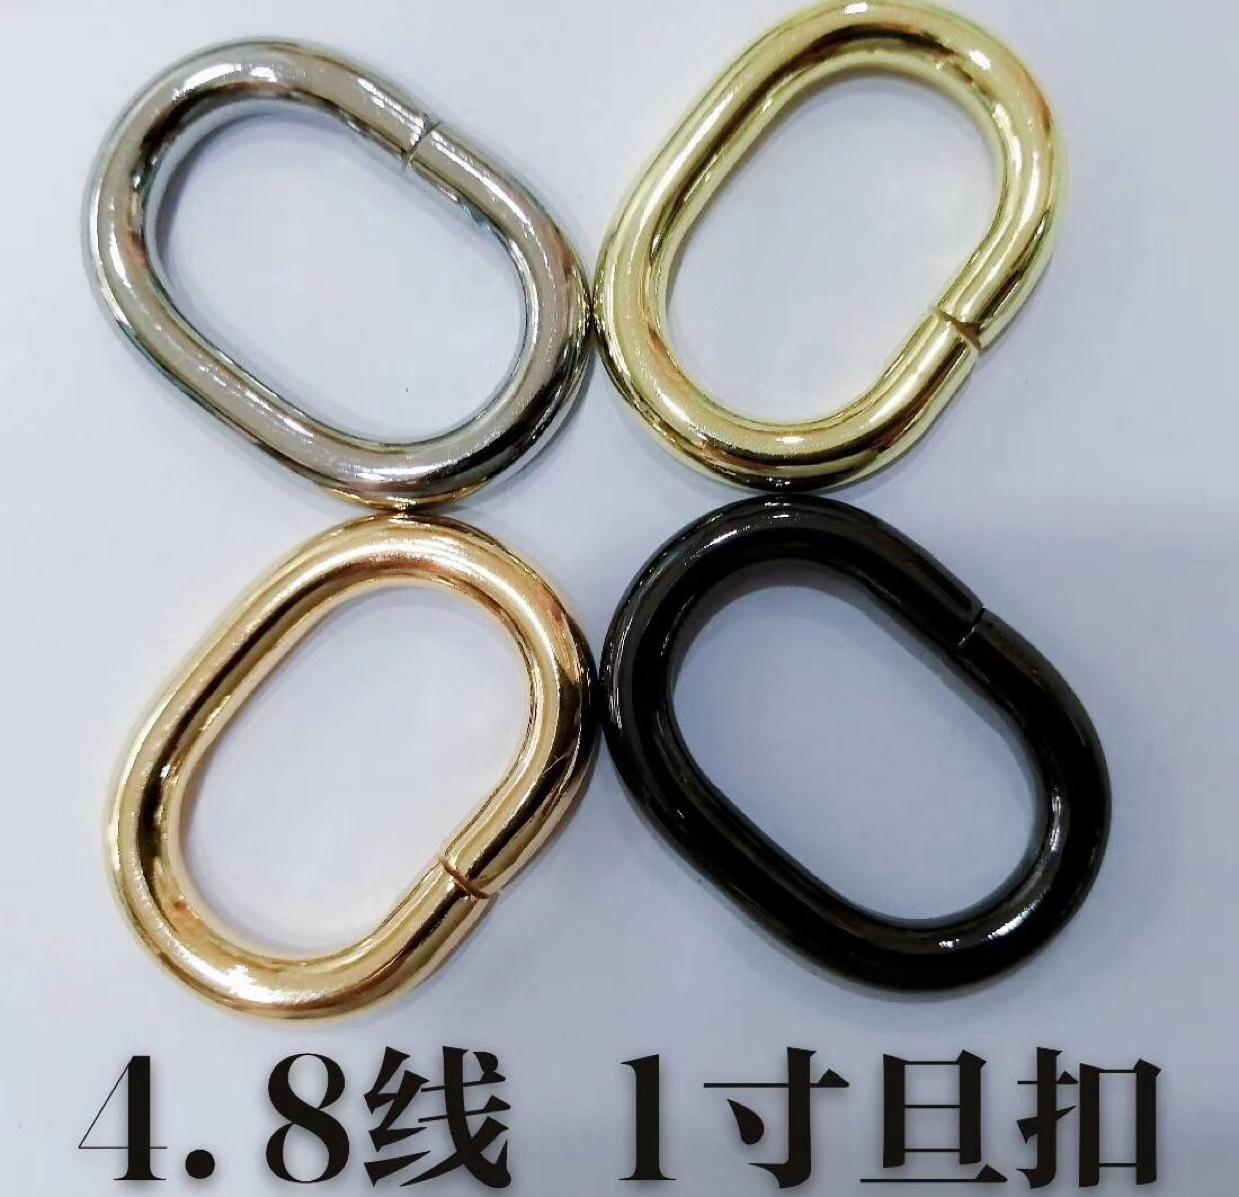 旦扣1*5直销优质箱包服饰五金圆圈光圈铁环铁O圈高品质电镀拉芯方扣